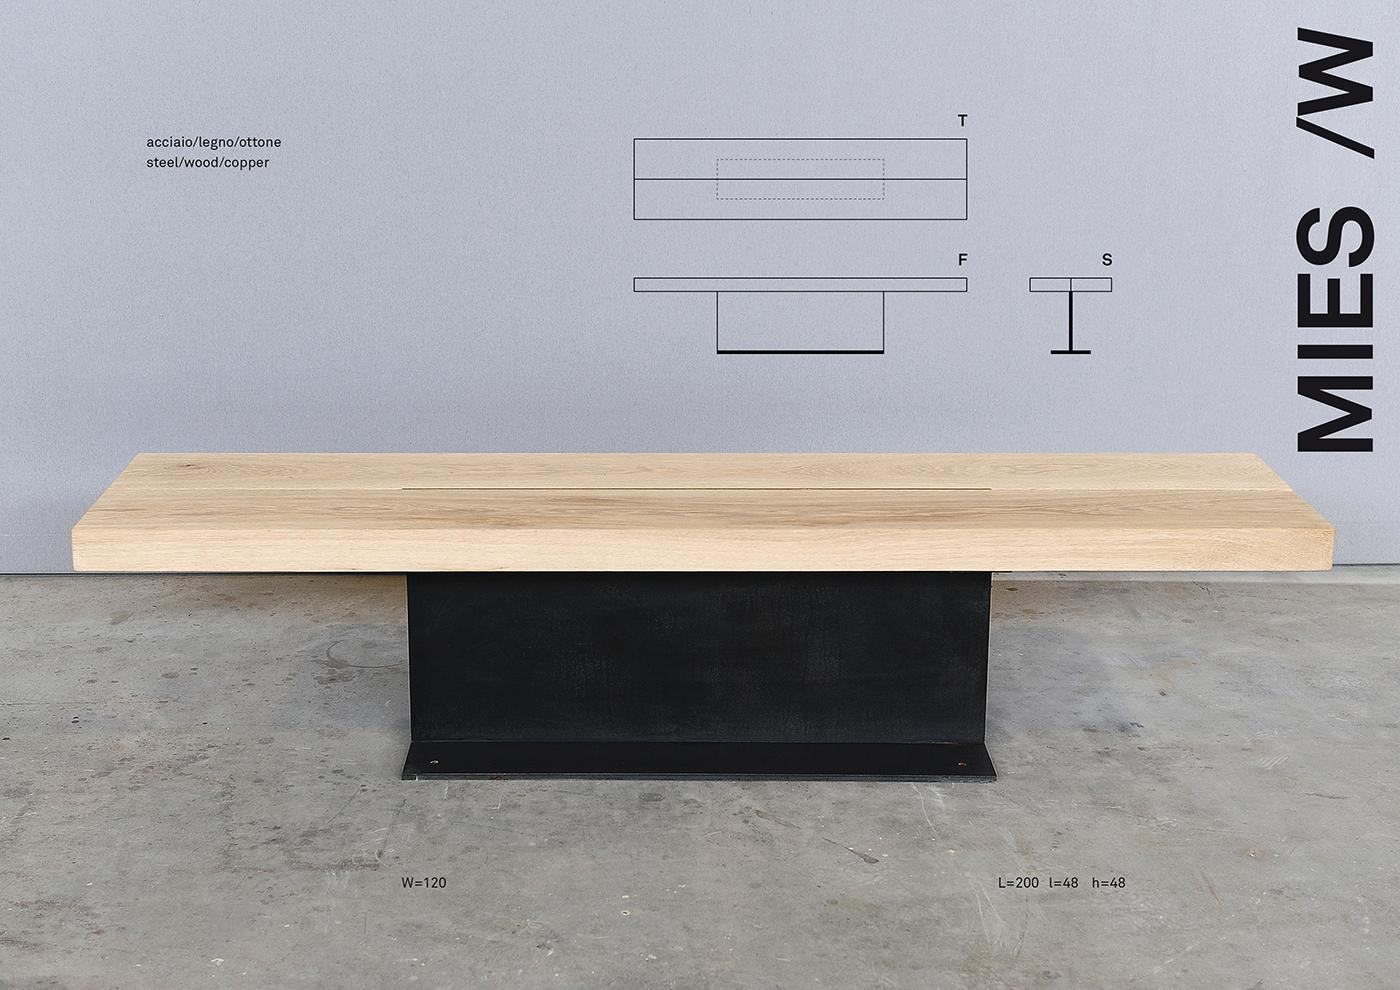 MIES design di una panchina in acciaio e legno disegnata da Francesco Aureli